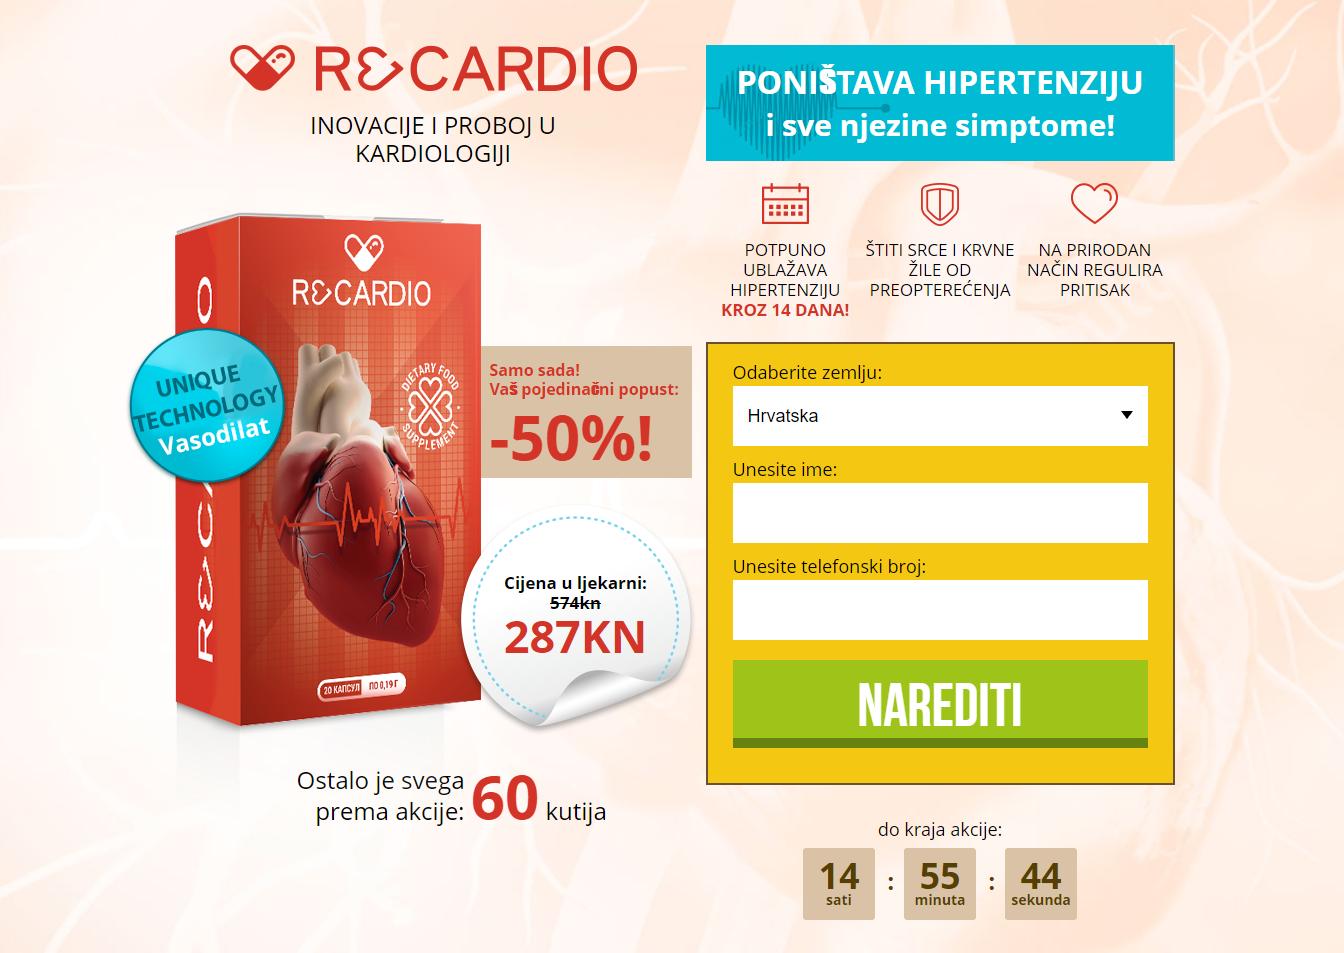 lijek za visoki krvni tlak, kao što su)